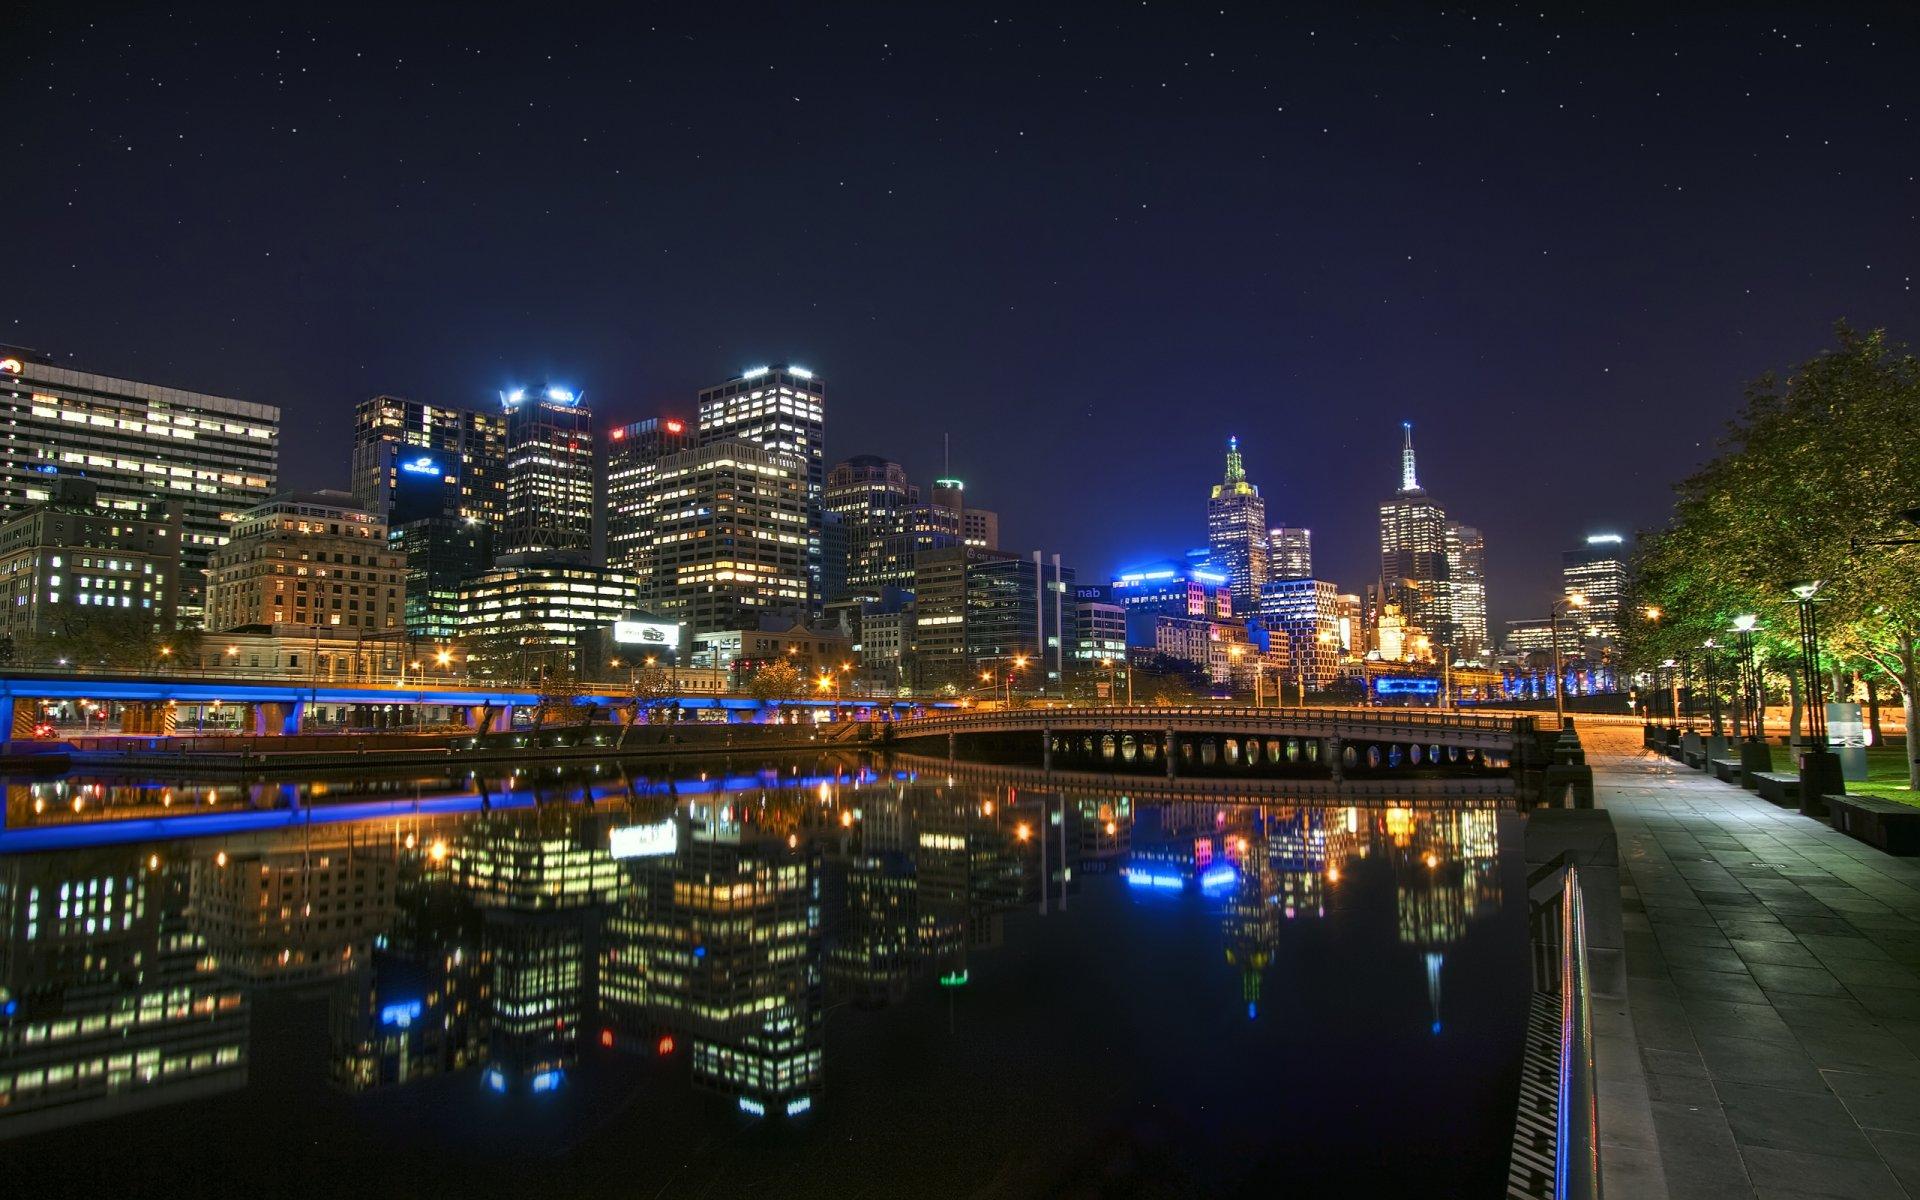 рассказала, ночной мельбурн в картинках дочери имеют равные